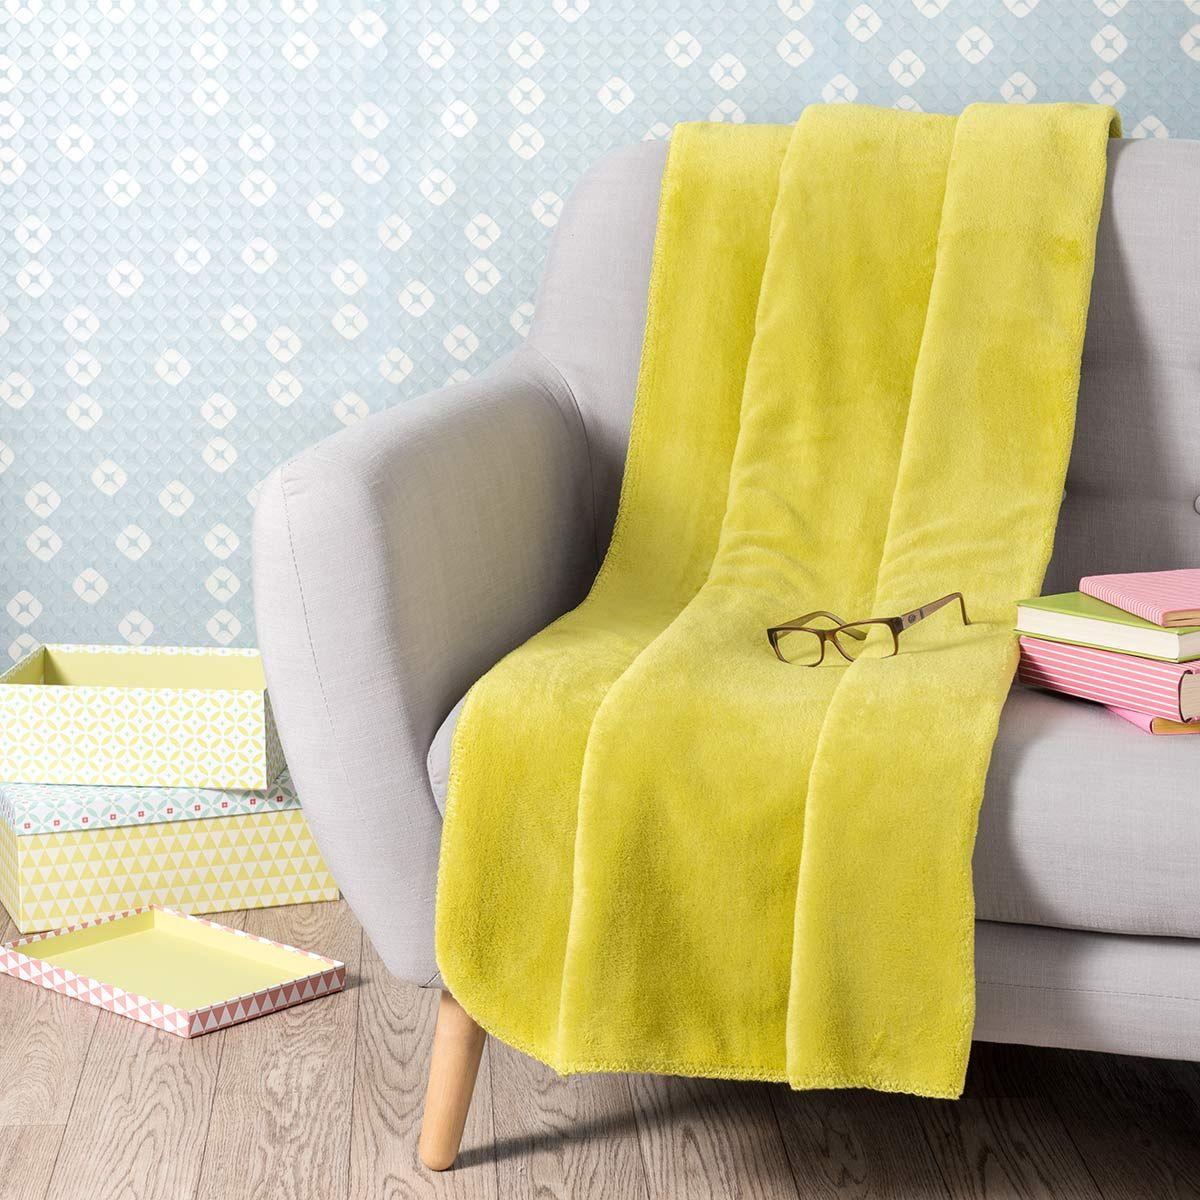 20 maisons du monde plaid en tissu jaune moutarde 150 x 230 cm chaleur pour aur lien. Black Bedroom Furniture Sets. Home Design Ideas